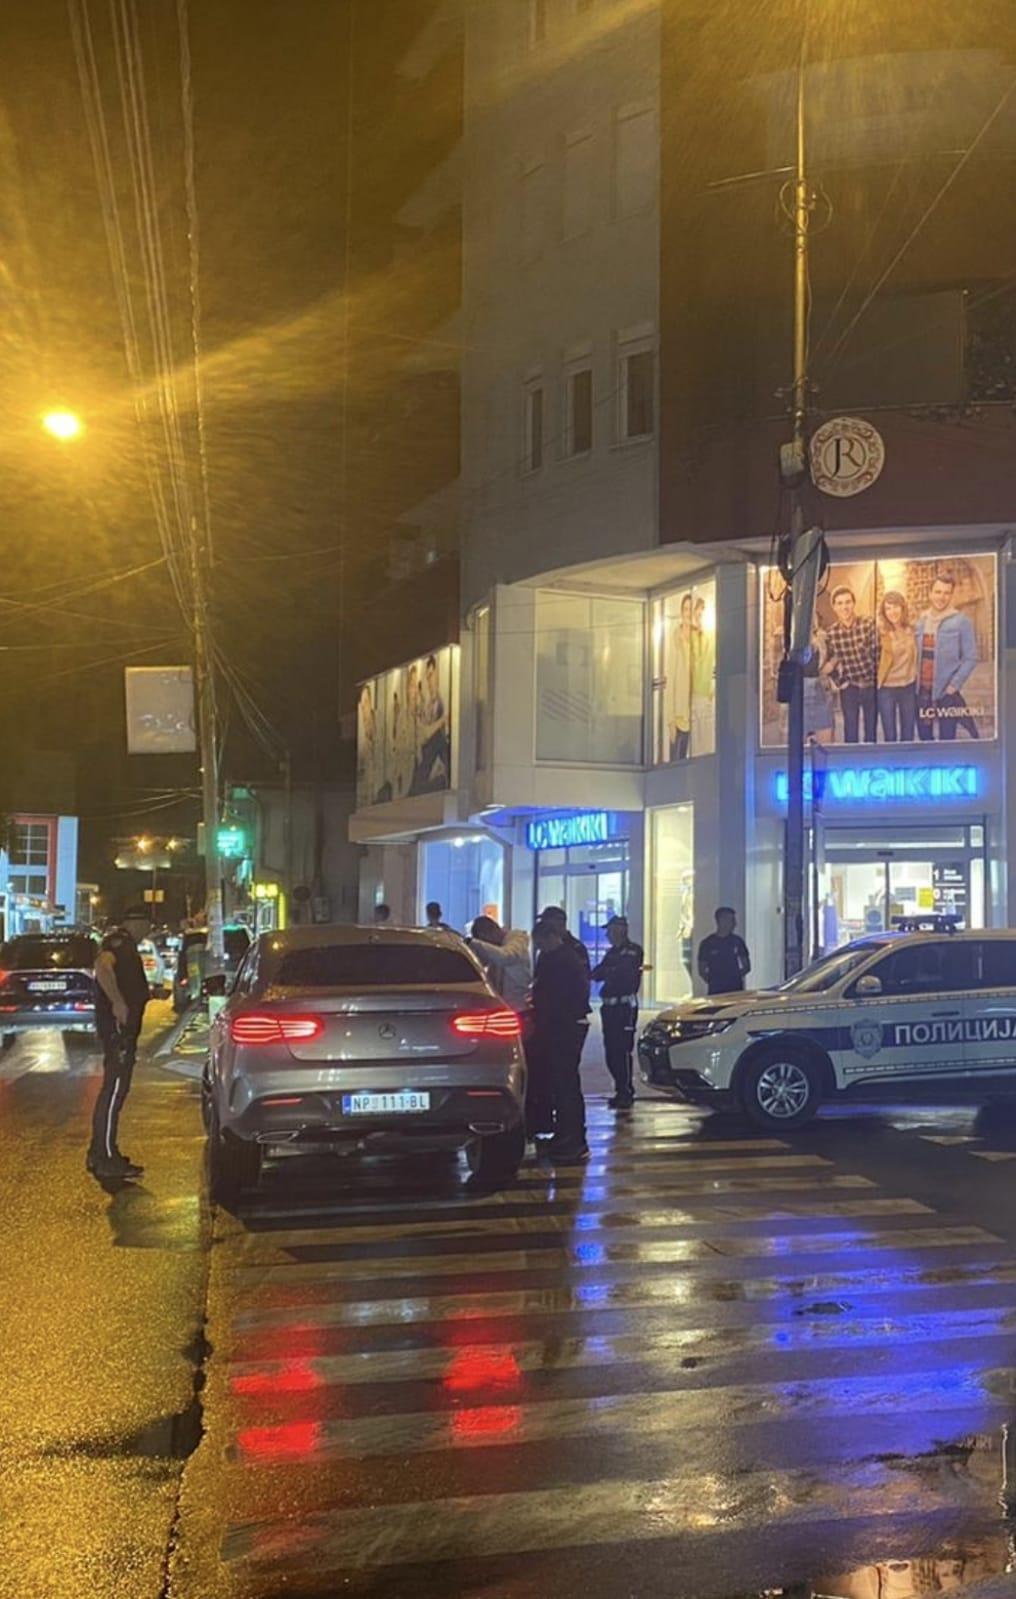 Veliko prisustvo policije na ulicama Novog Pazara